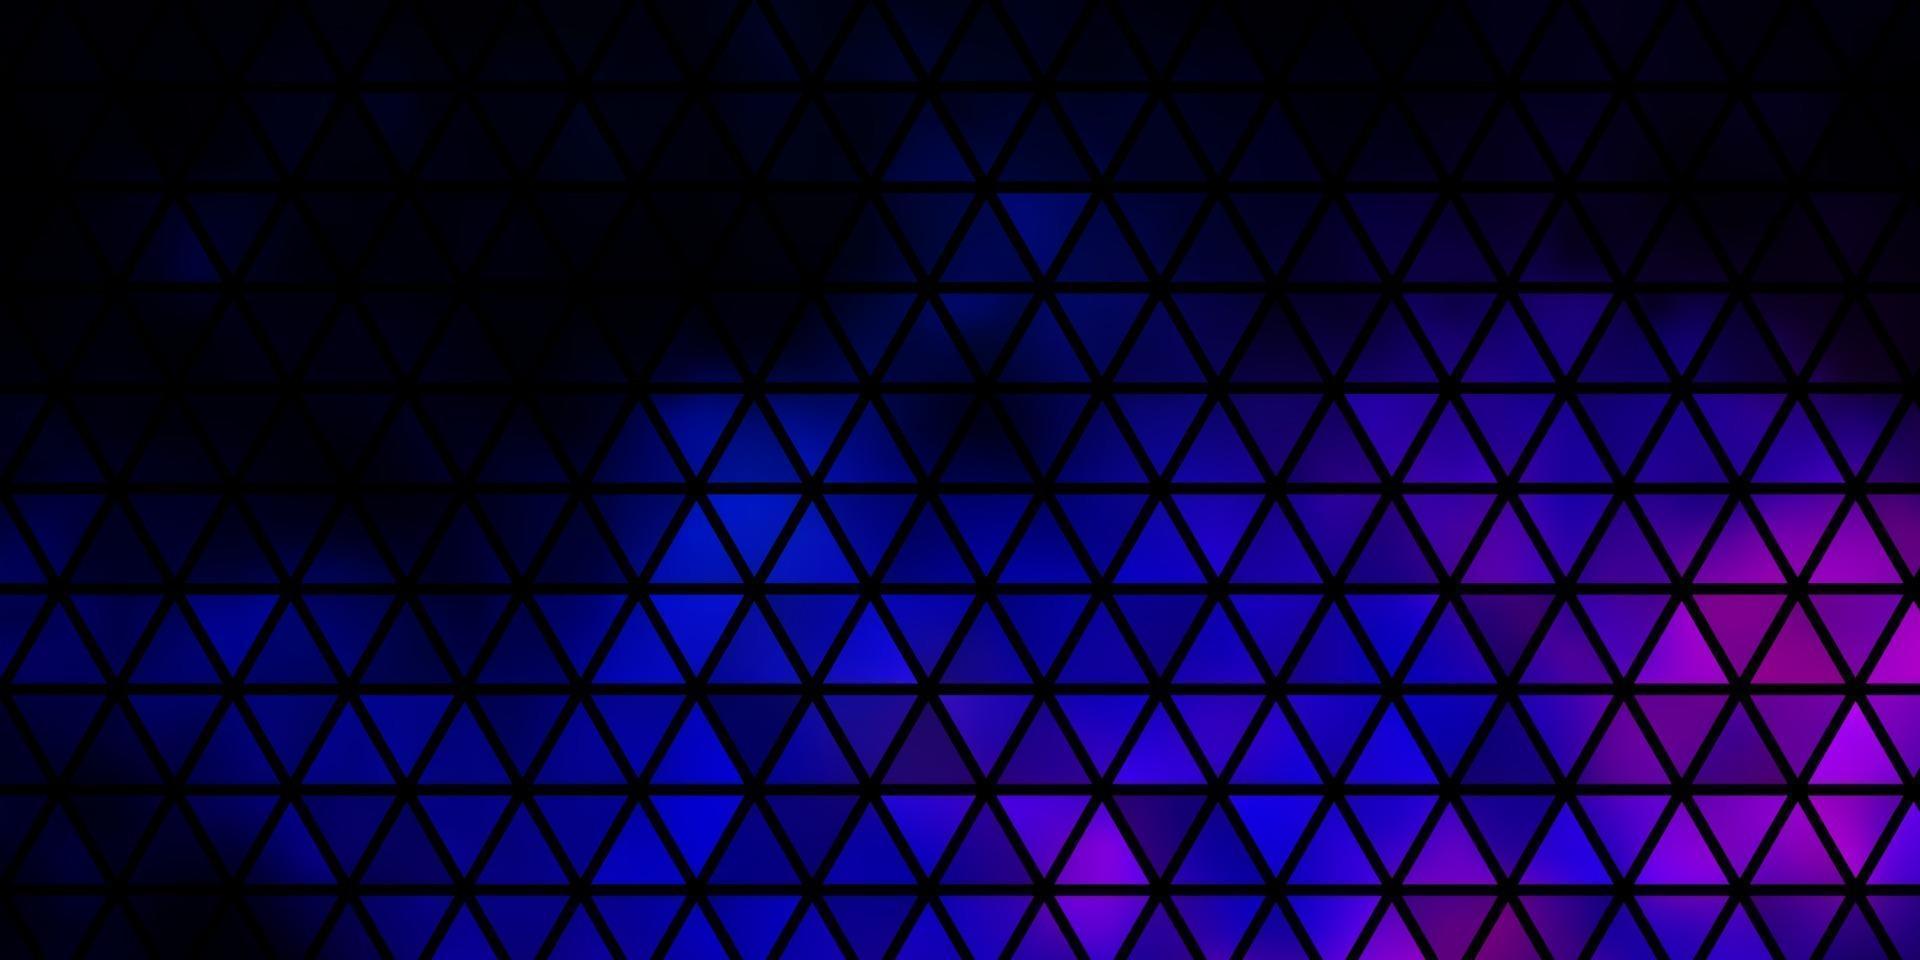 modello vettoriale rosa scuro, blu con stile poligonale.